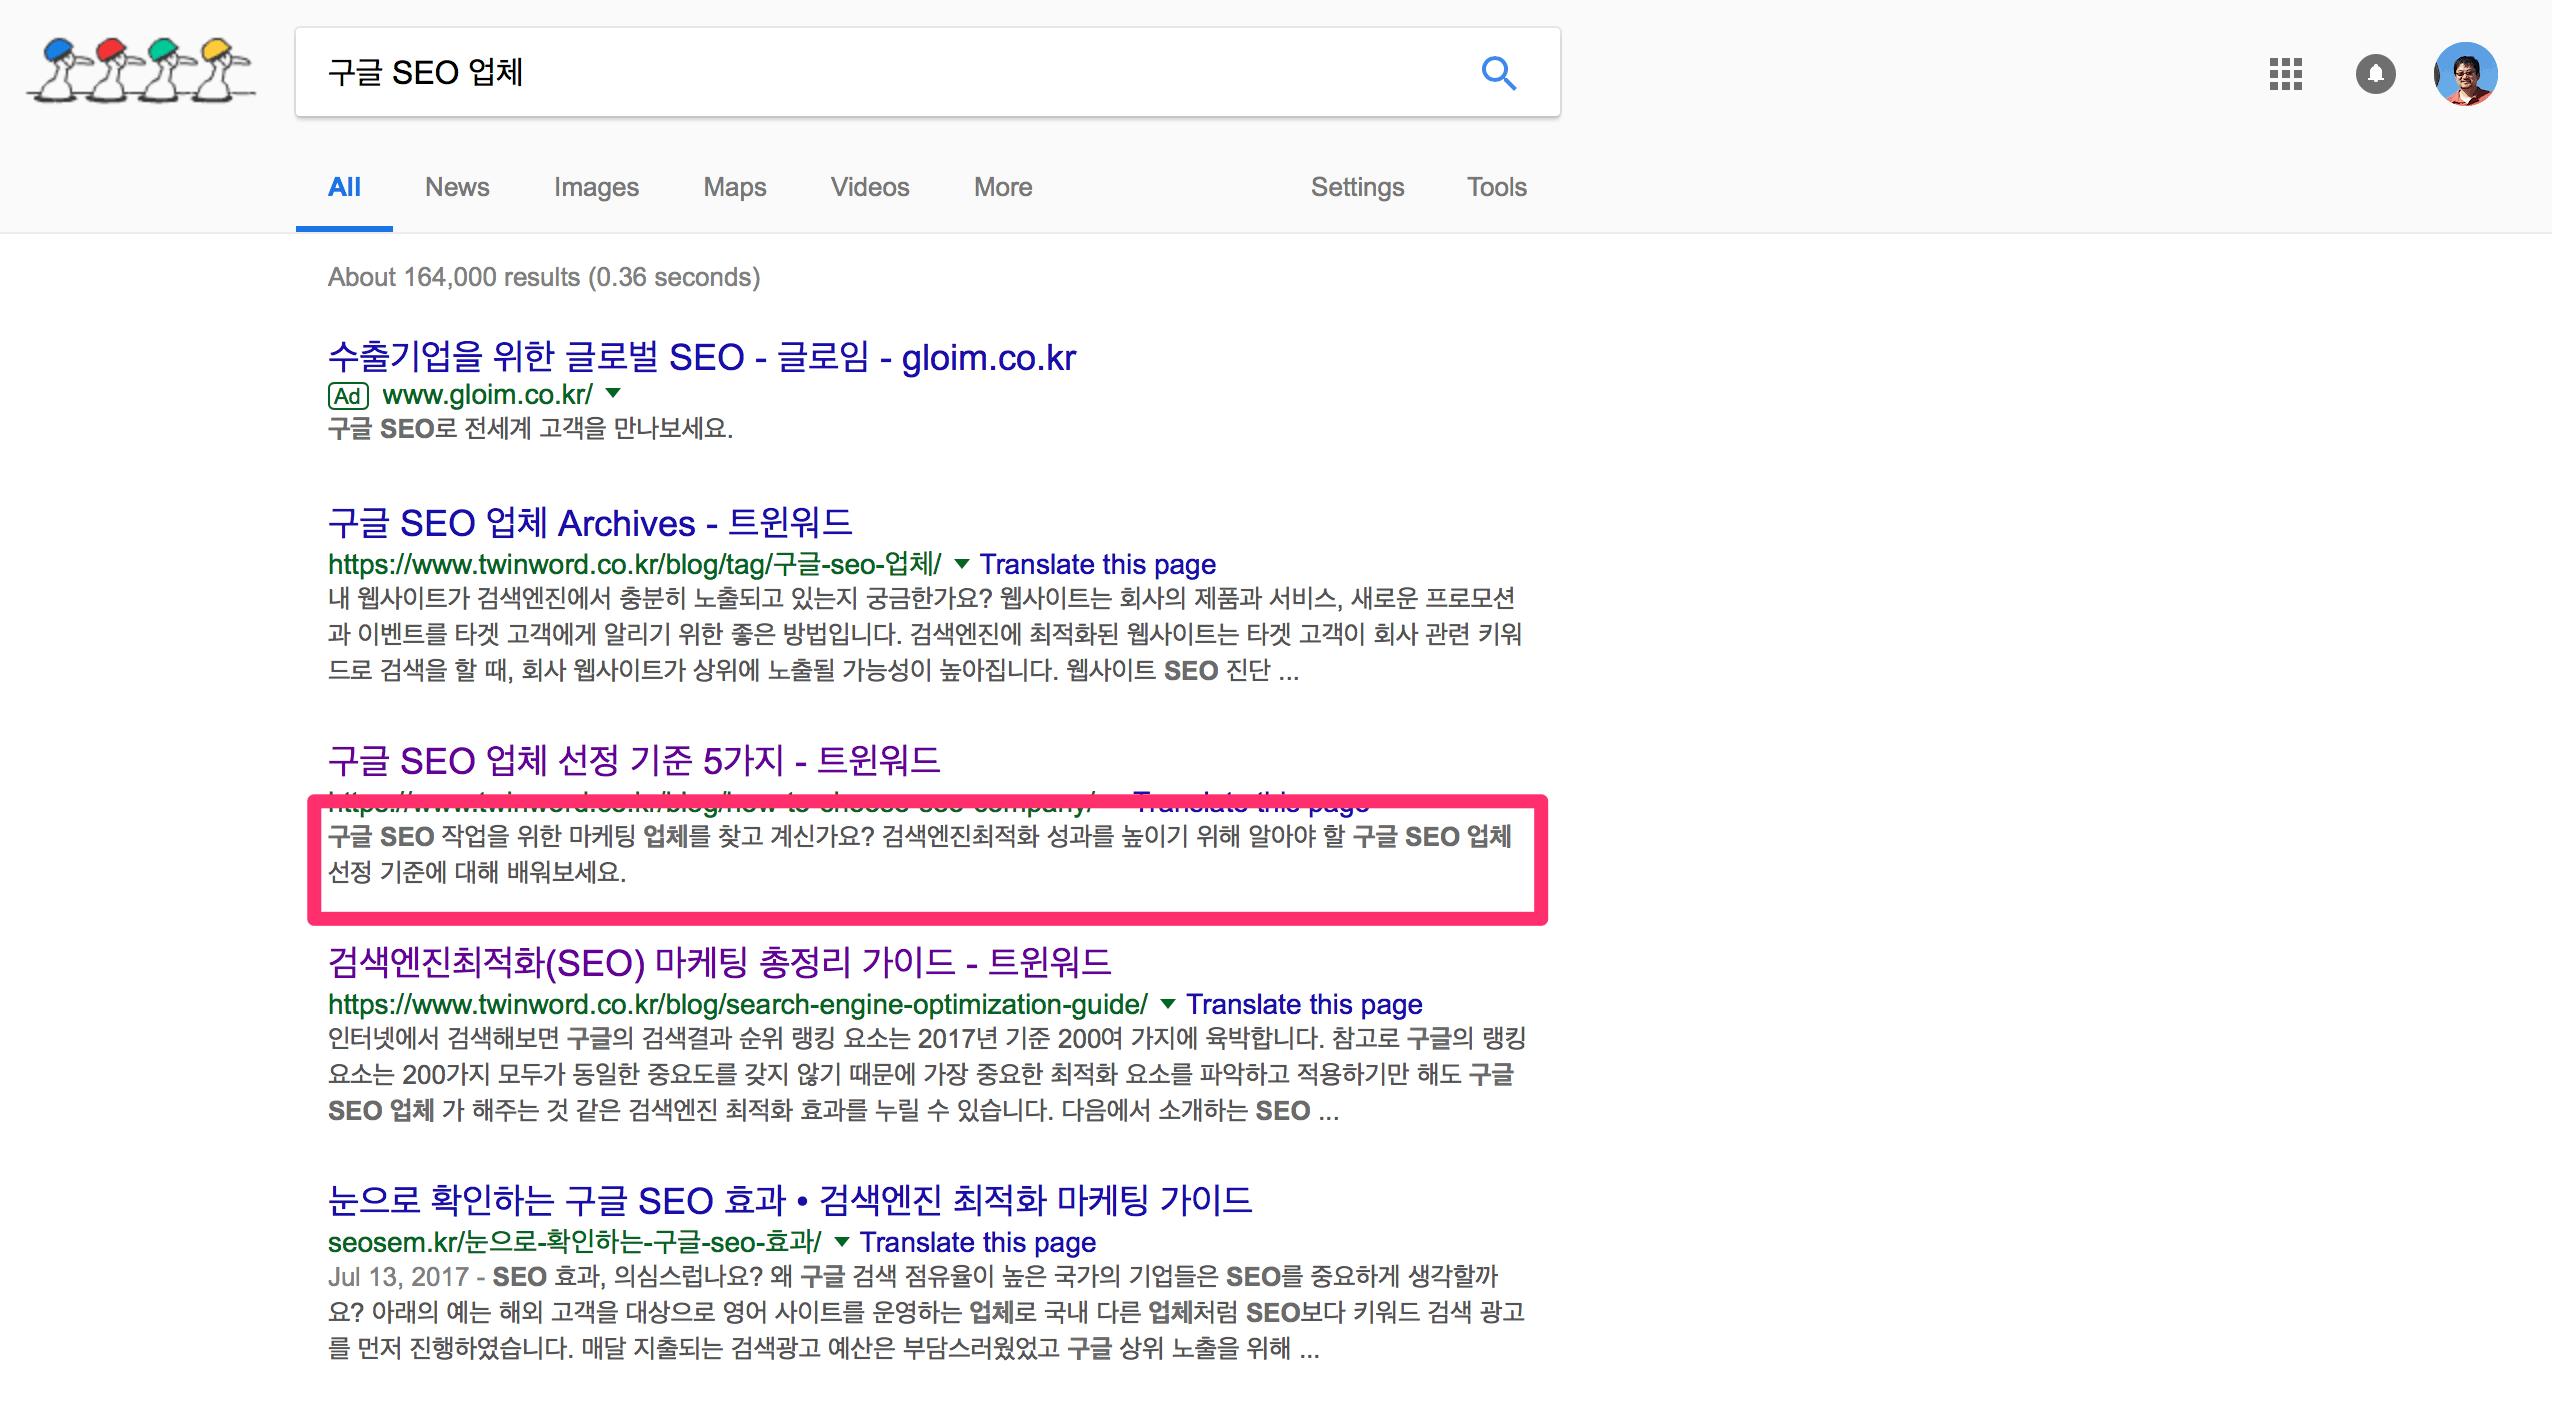 구글 검색결과 메타 디스크립션 - 검색엔진최적화